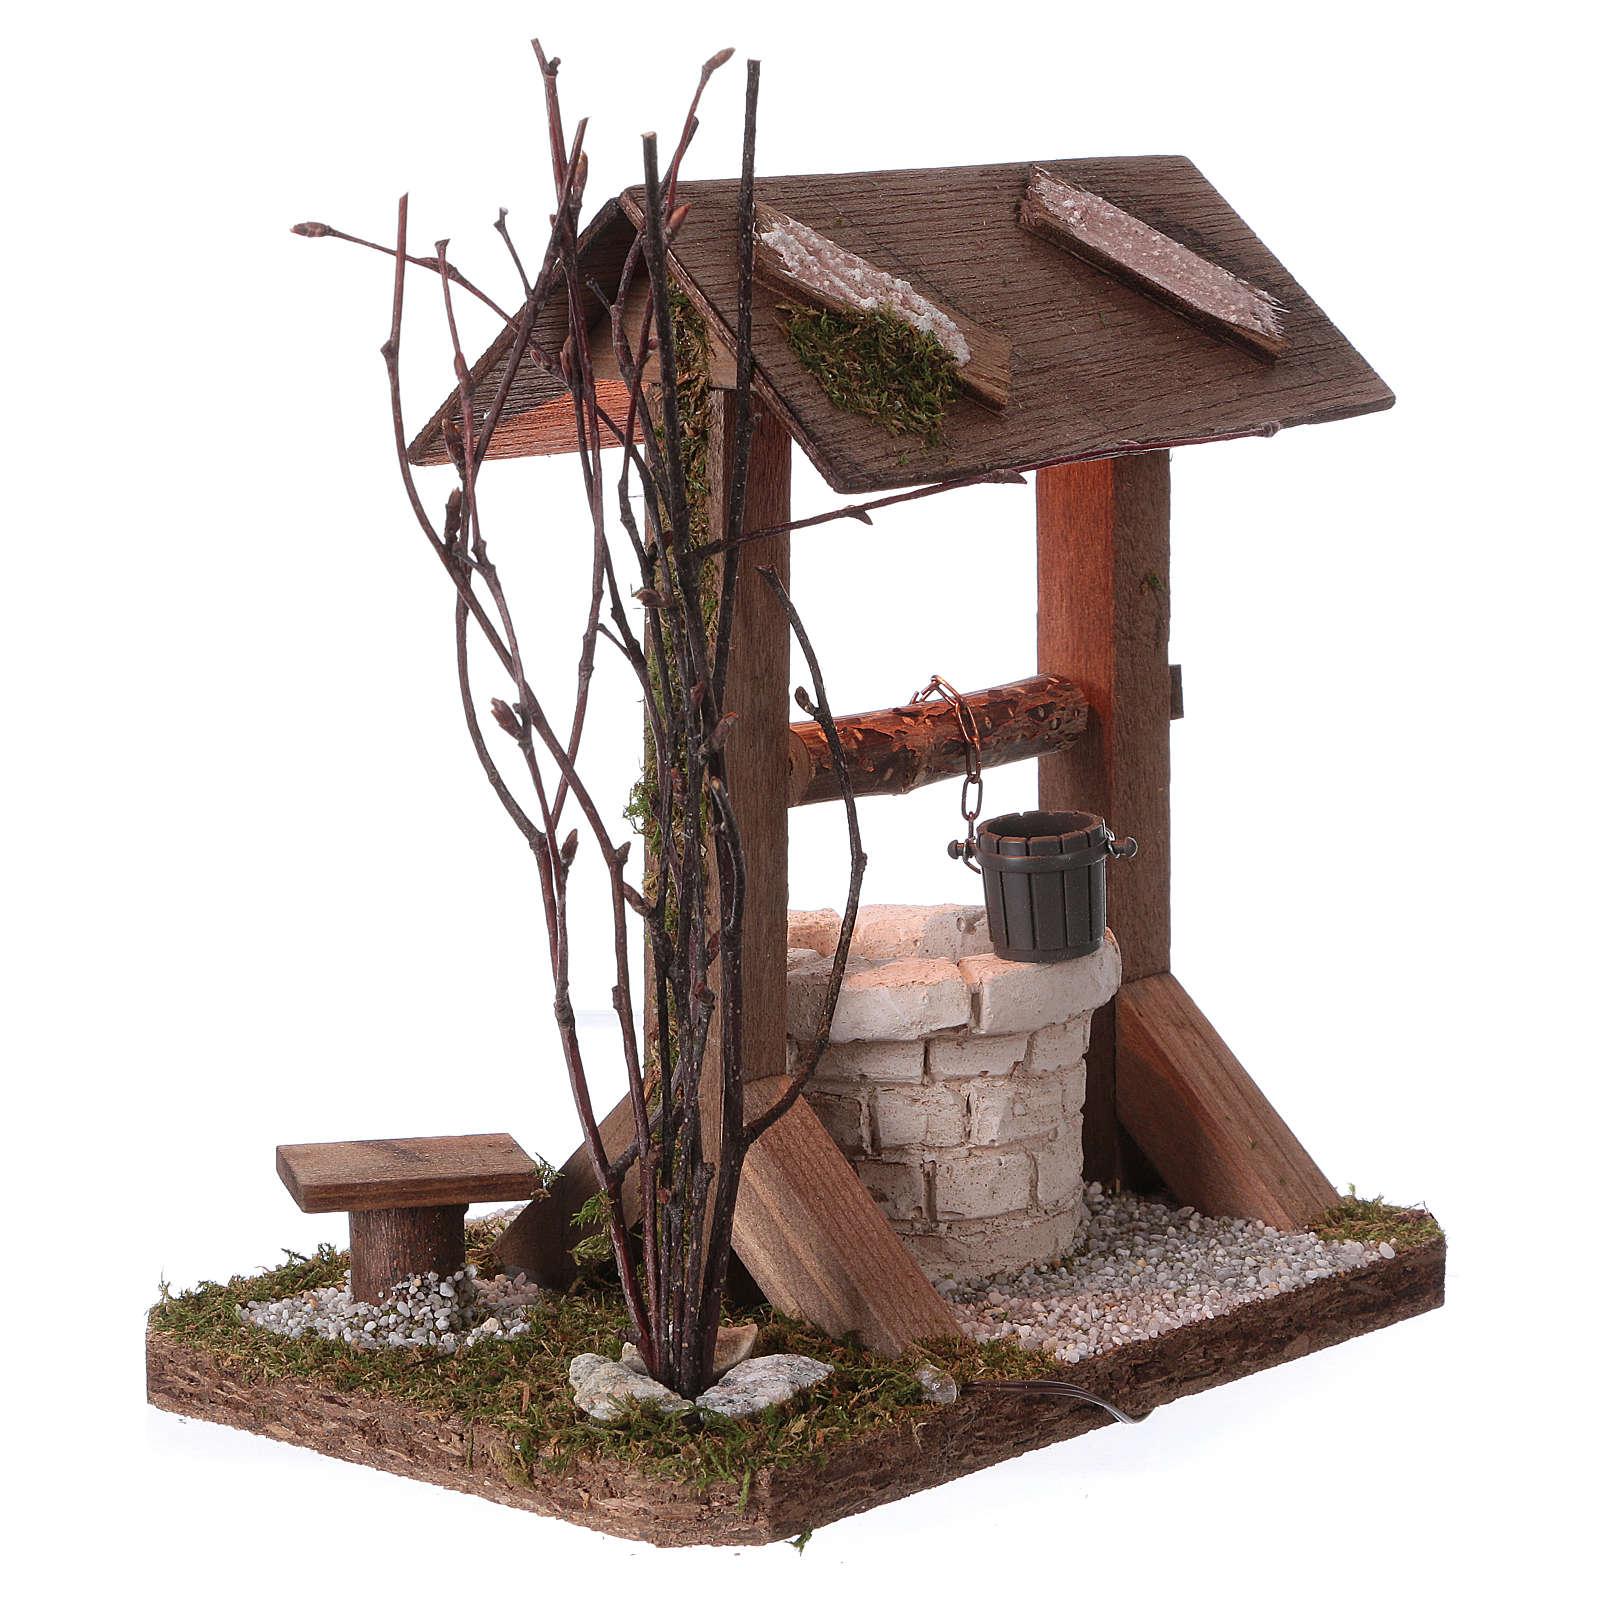 Pozzo tettoia in legno con luce e rami per presepe 12-15 cm 4